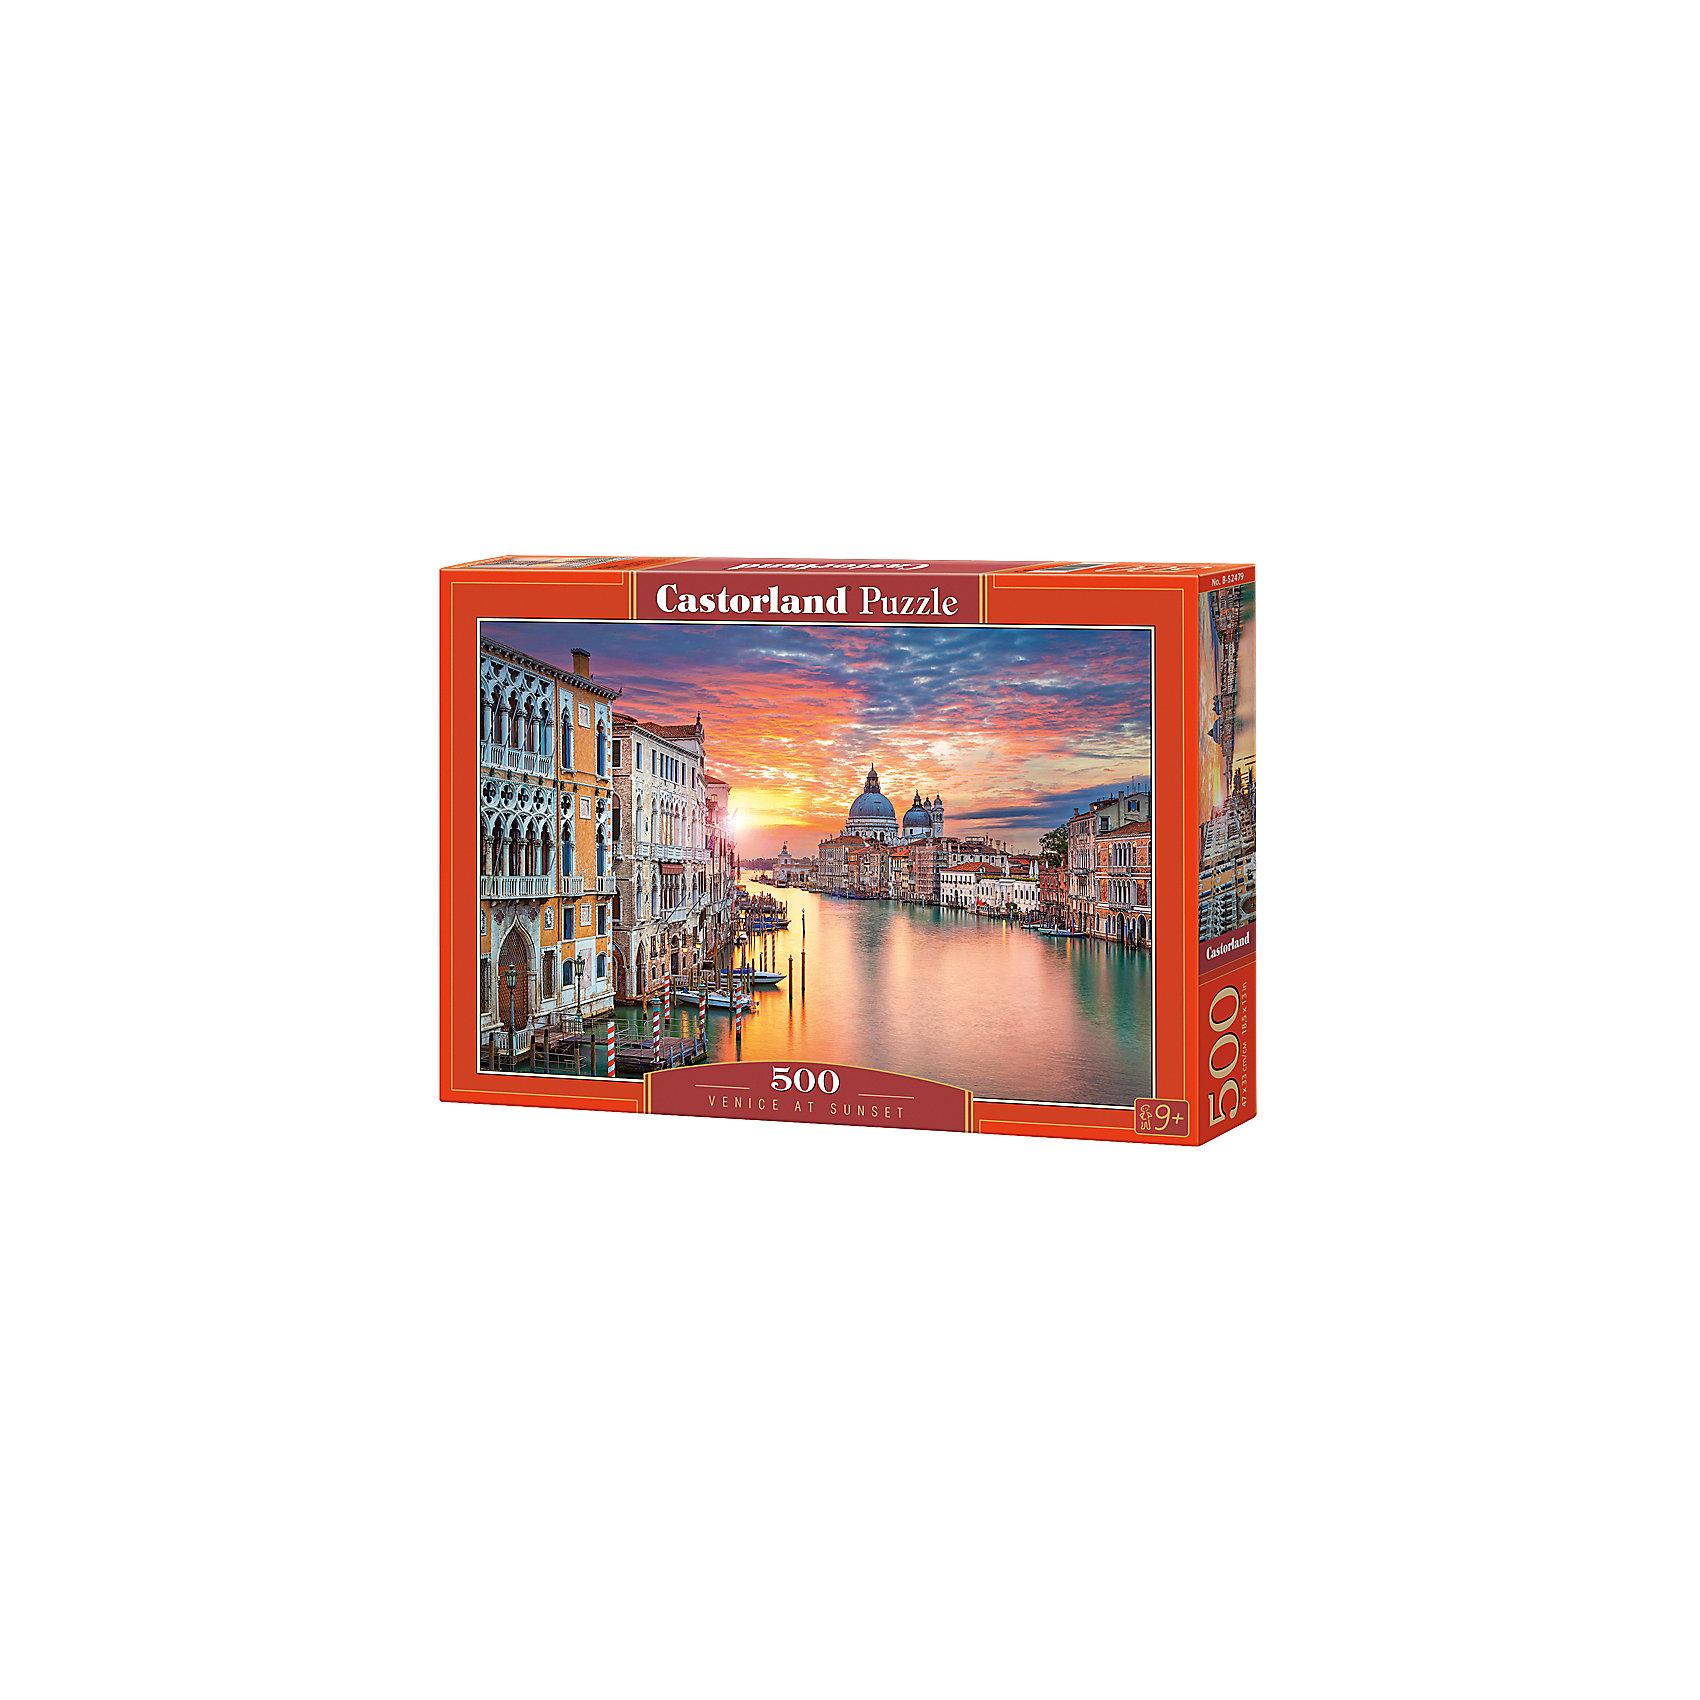 Пазлы Венеция на закате  , 500 деталей, CastorlandКлассические пазлы<br>Изображение:Венеция на закате. Кол-во деталей 500.<br><br>Ширина мм: 320<br>Глубина мм: 47<br>Высота мм: 220<br>Вес г: 500<br>Возраст от месяцев: 72<br>Возраст до месяцев: 2147483647<br>Пол: Унисекс<br>Возраст: Детский<br>SKU: 6881587